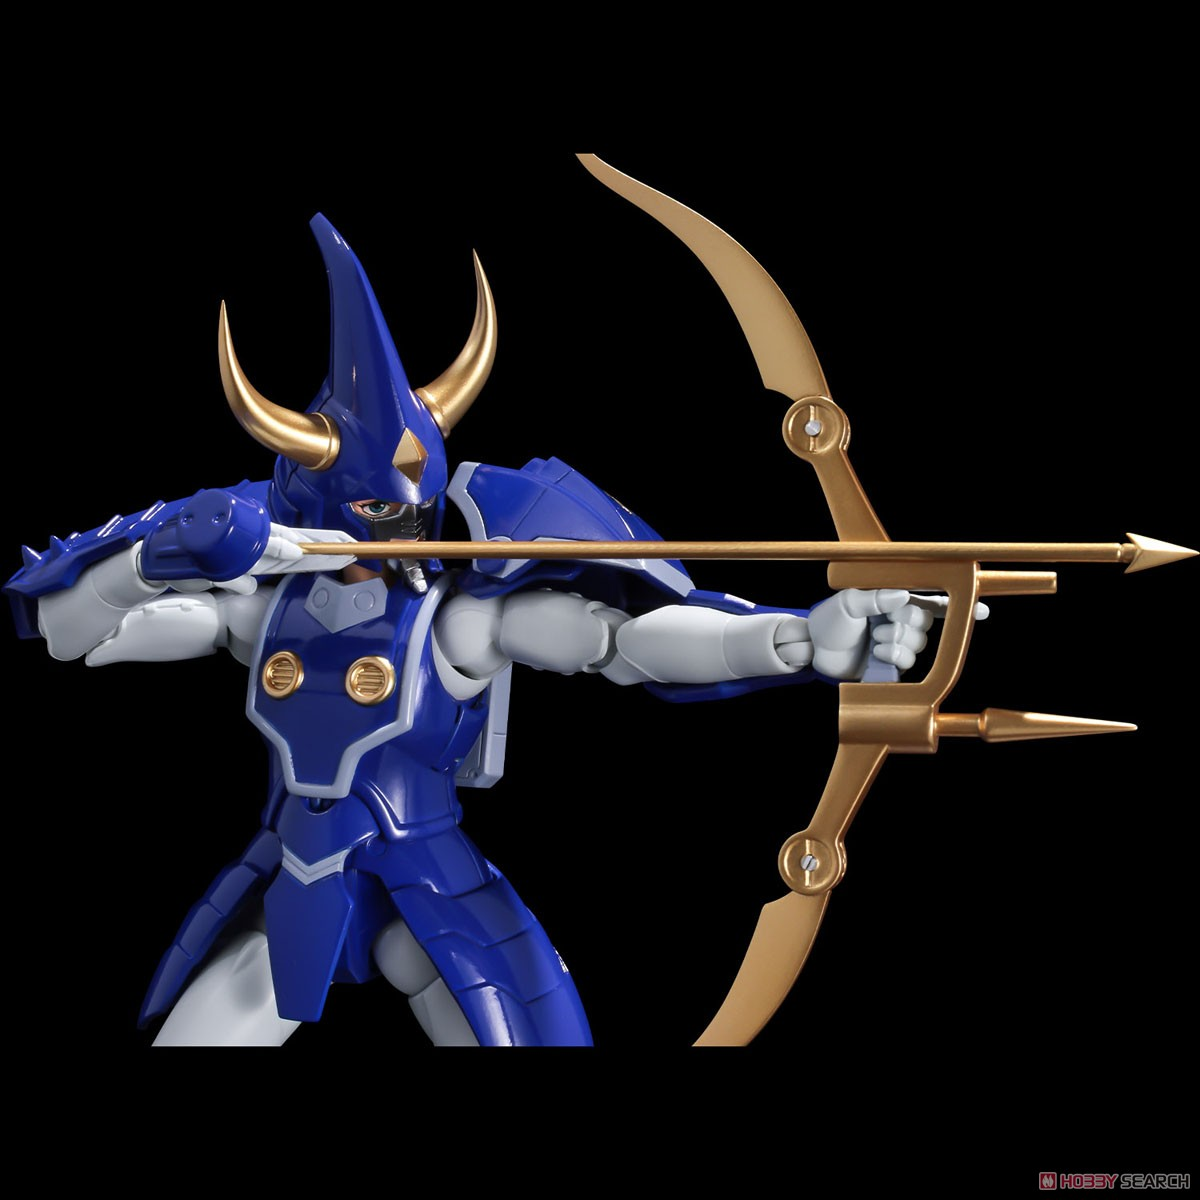 超弾可動『天空のトウマ』鎧伝サムライトルーパー 可動フィギュア-009